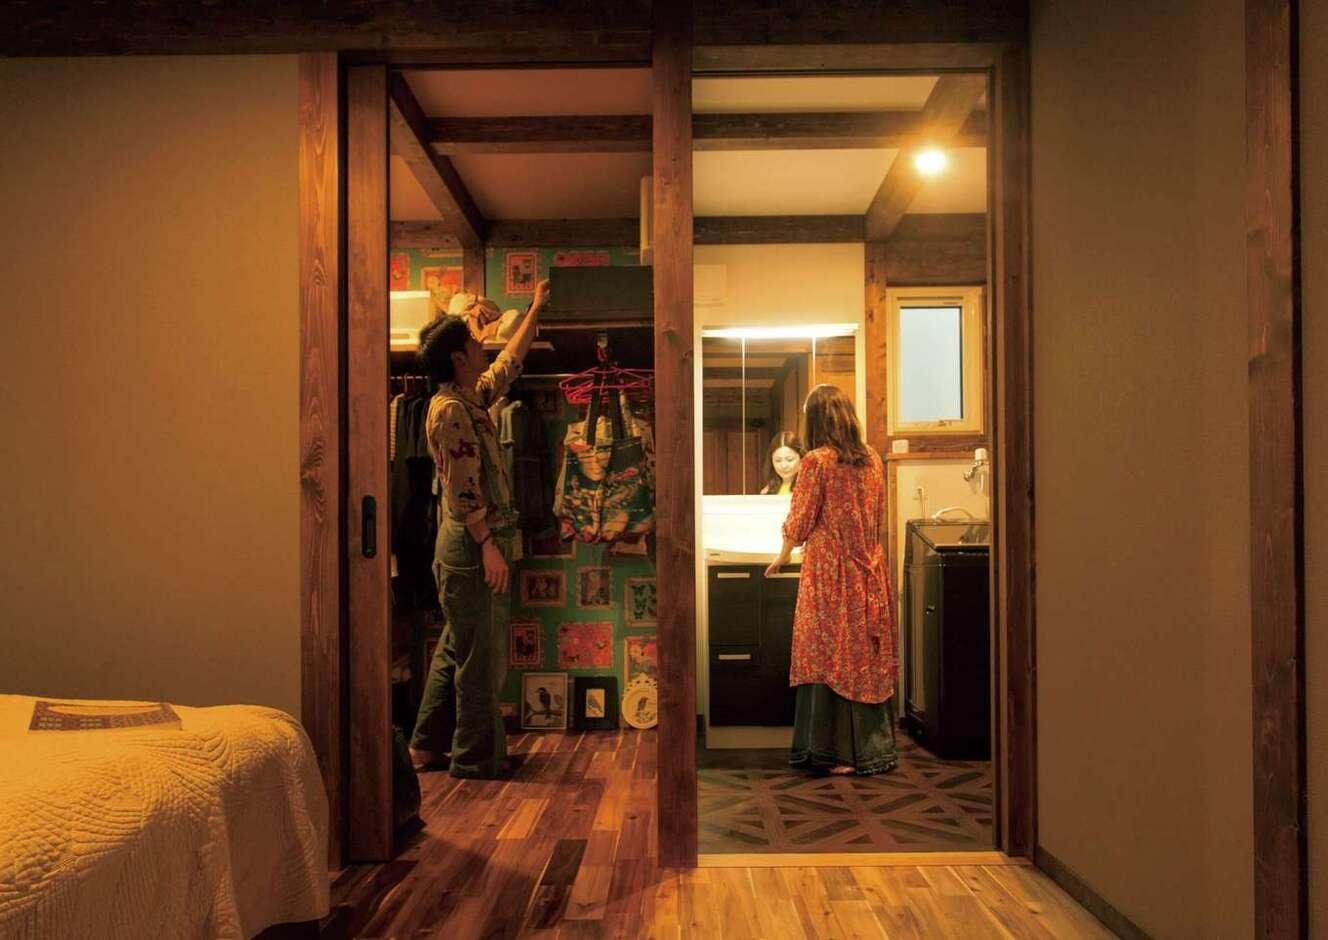 サイエンスホーム甲府店・笛吹店【デザイン住宅、趣味、自然素材】主寝室からウォークインクローゼット、サニタリーへつながる短い動線は、30年後も快適に暮らせる